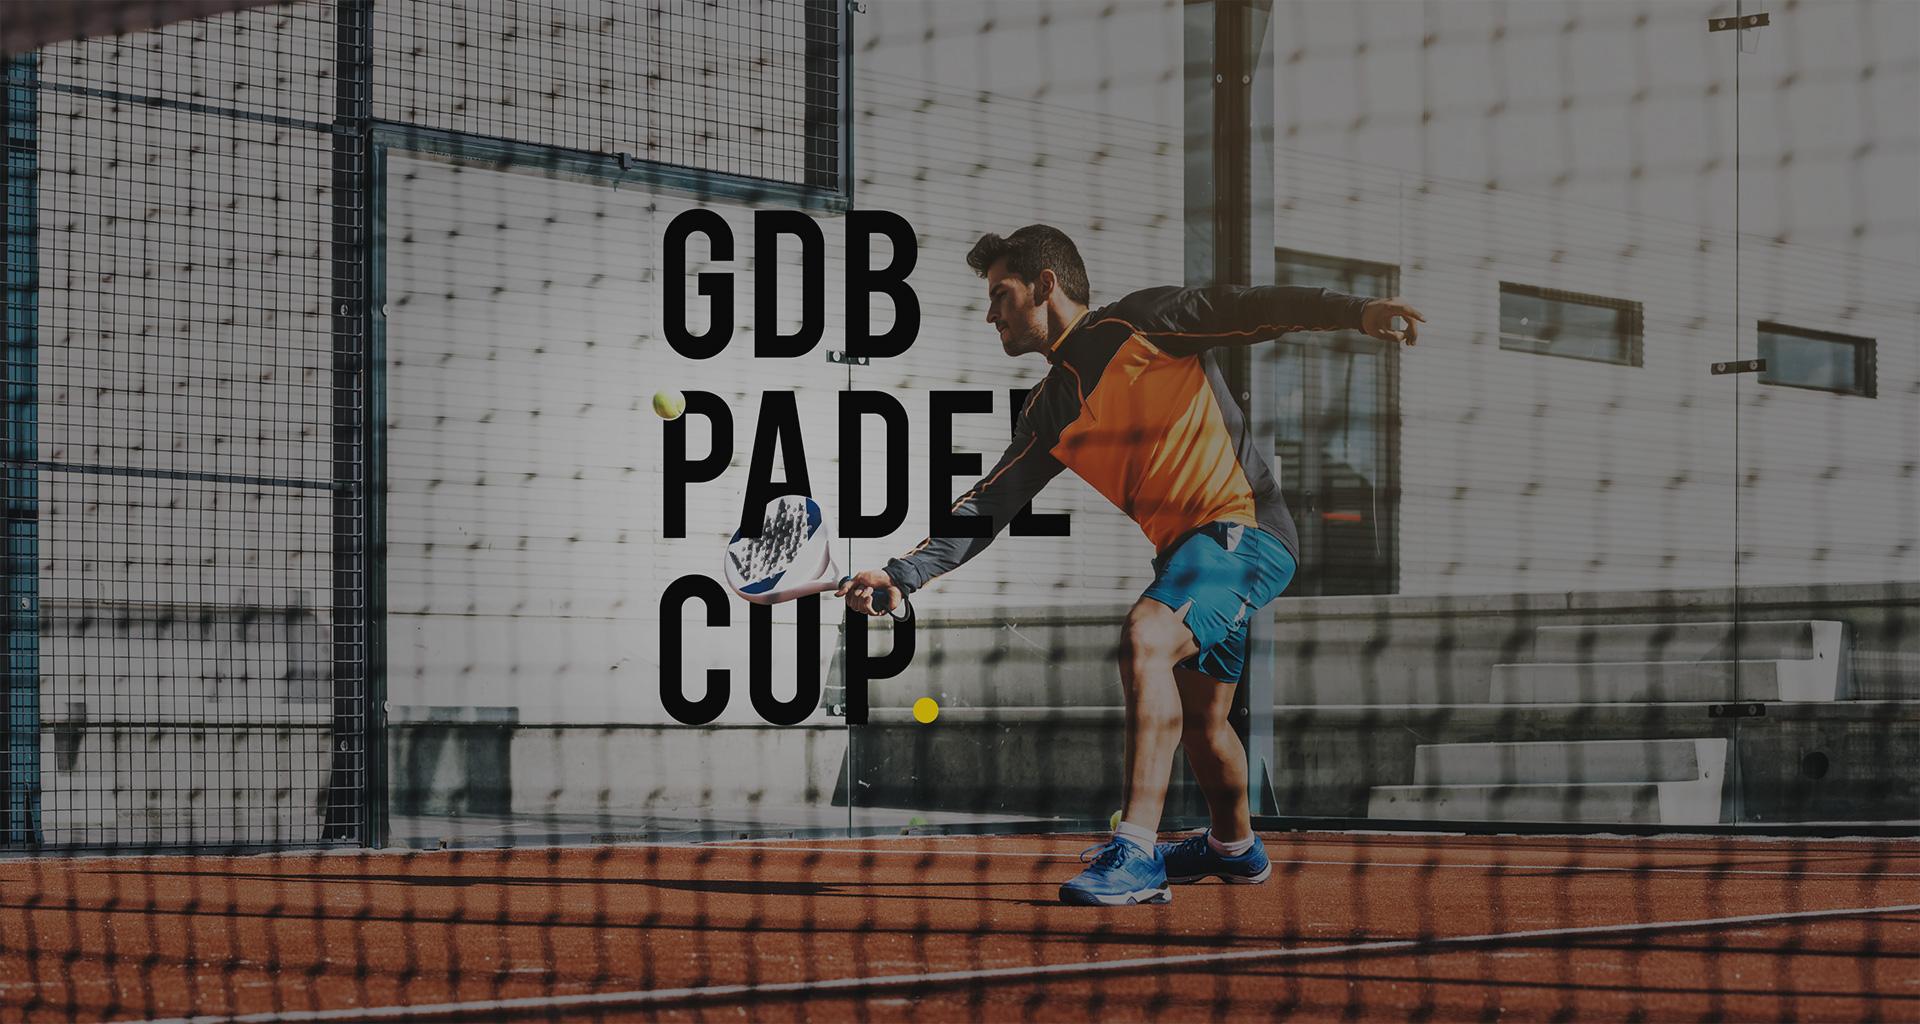 PadelCup playing